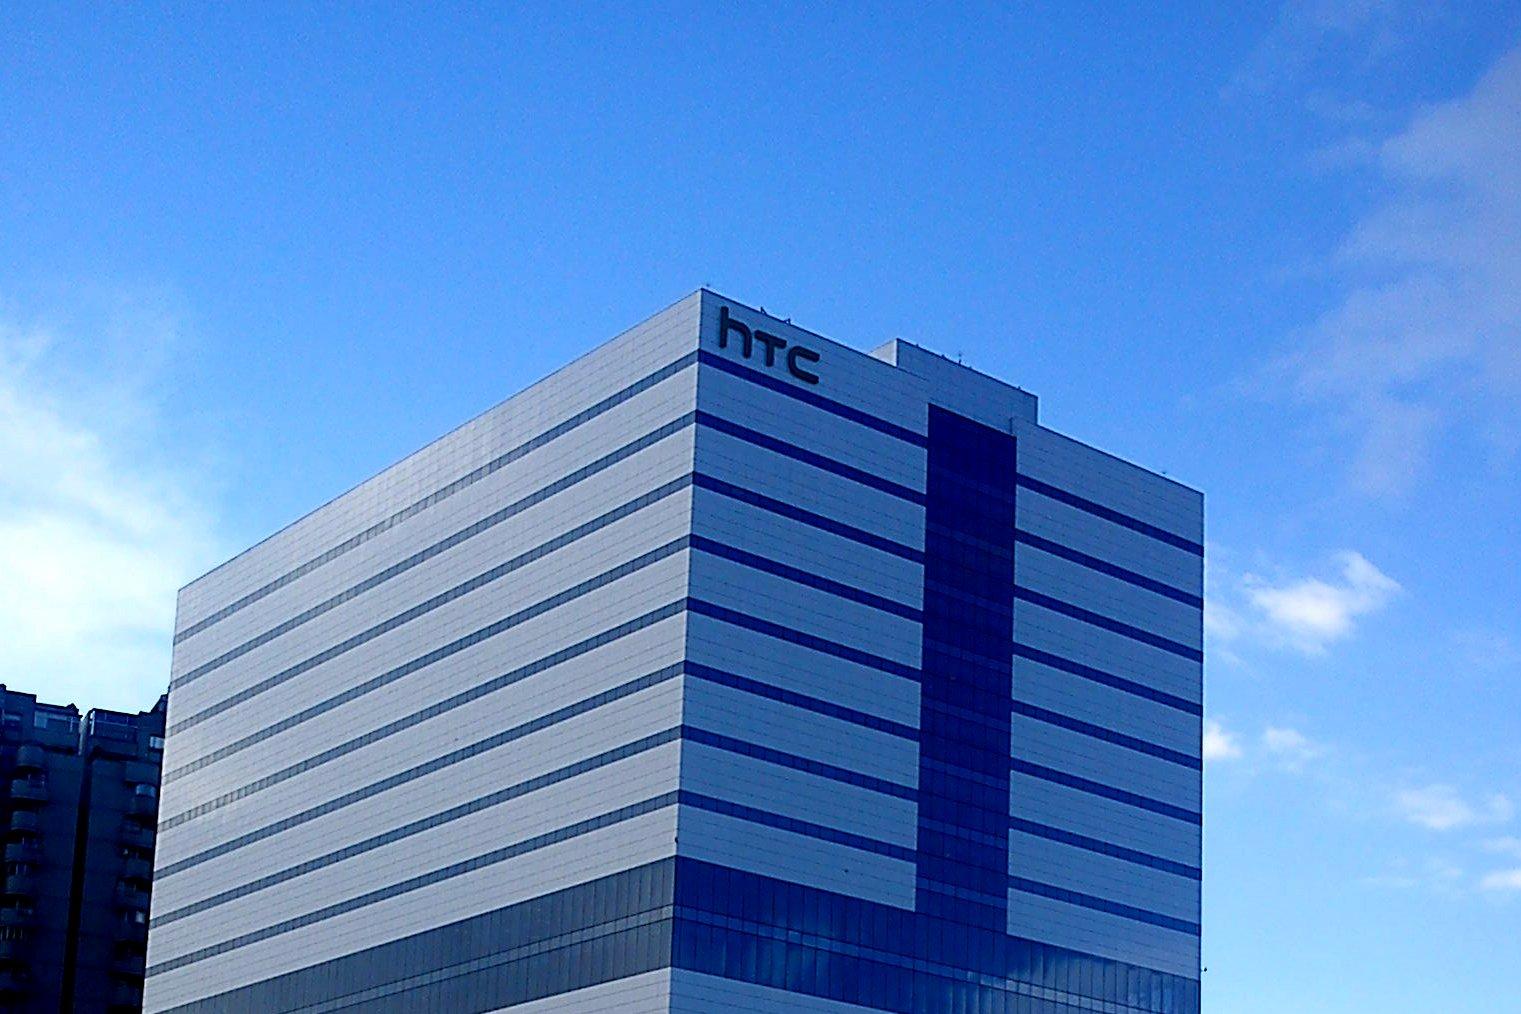 HTC sprzedaje kolejną fabrykę. Pieniądze zainwestuje w wirtualną rzeczywistość 16